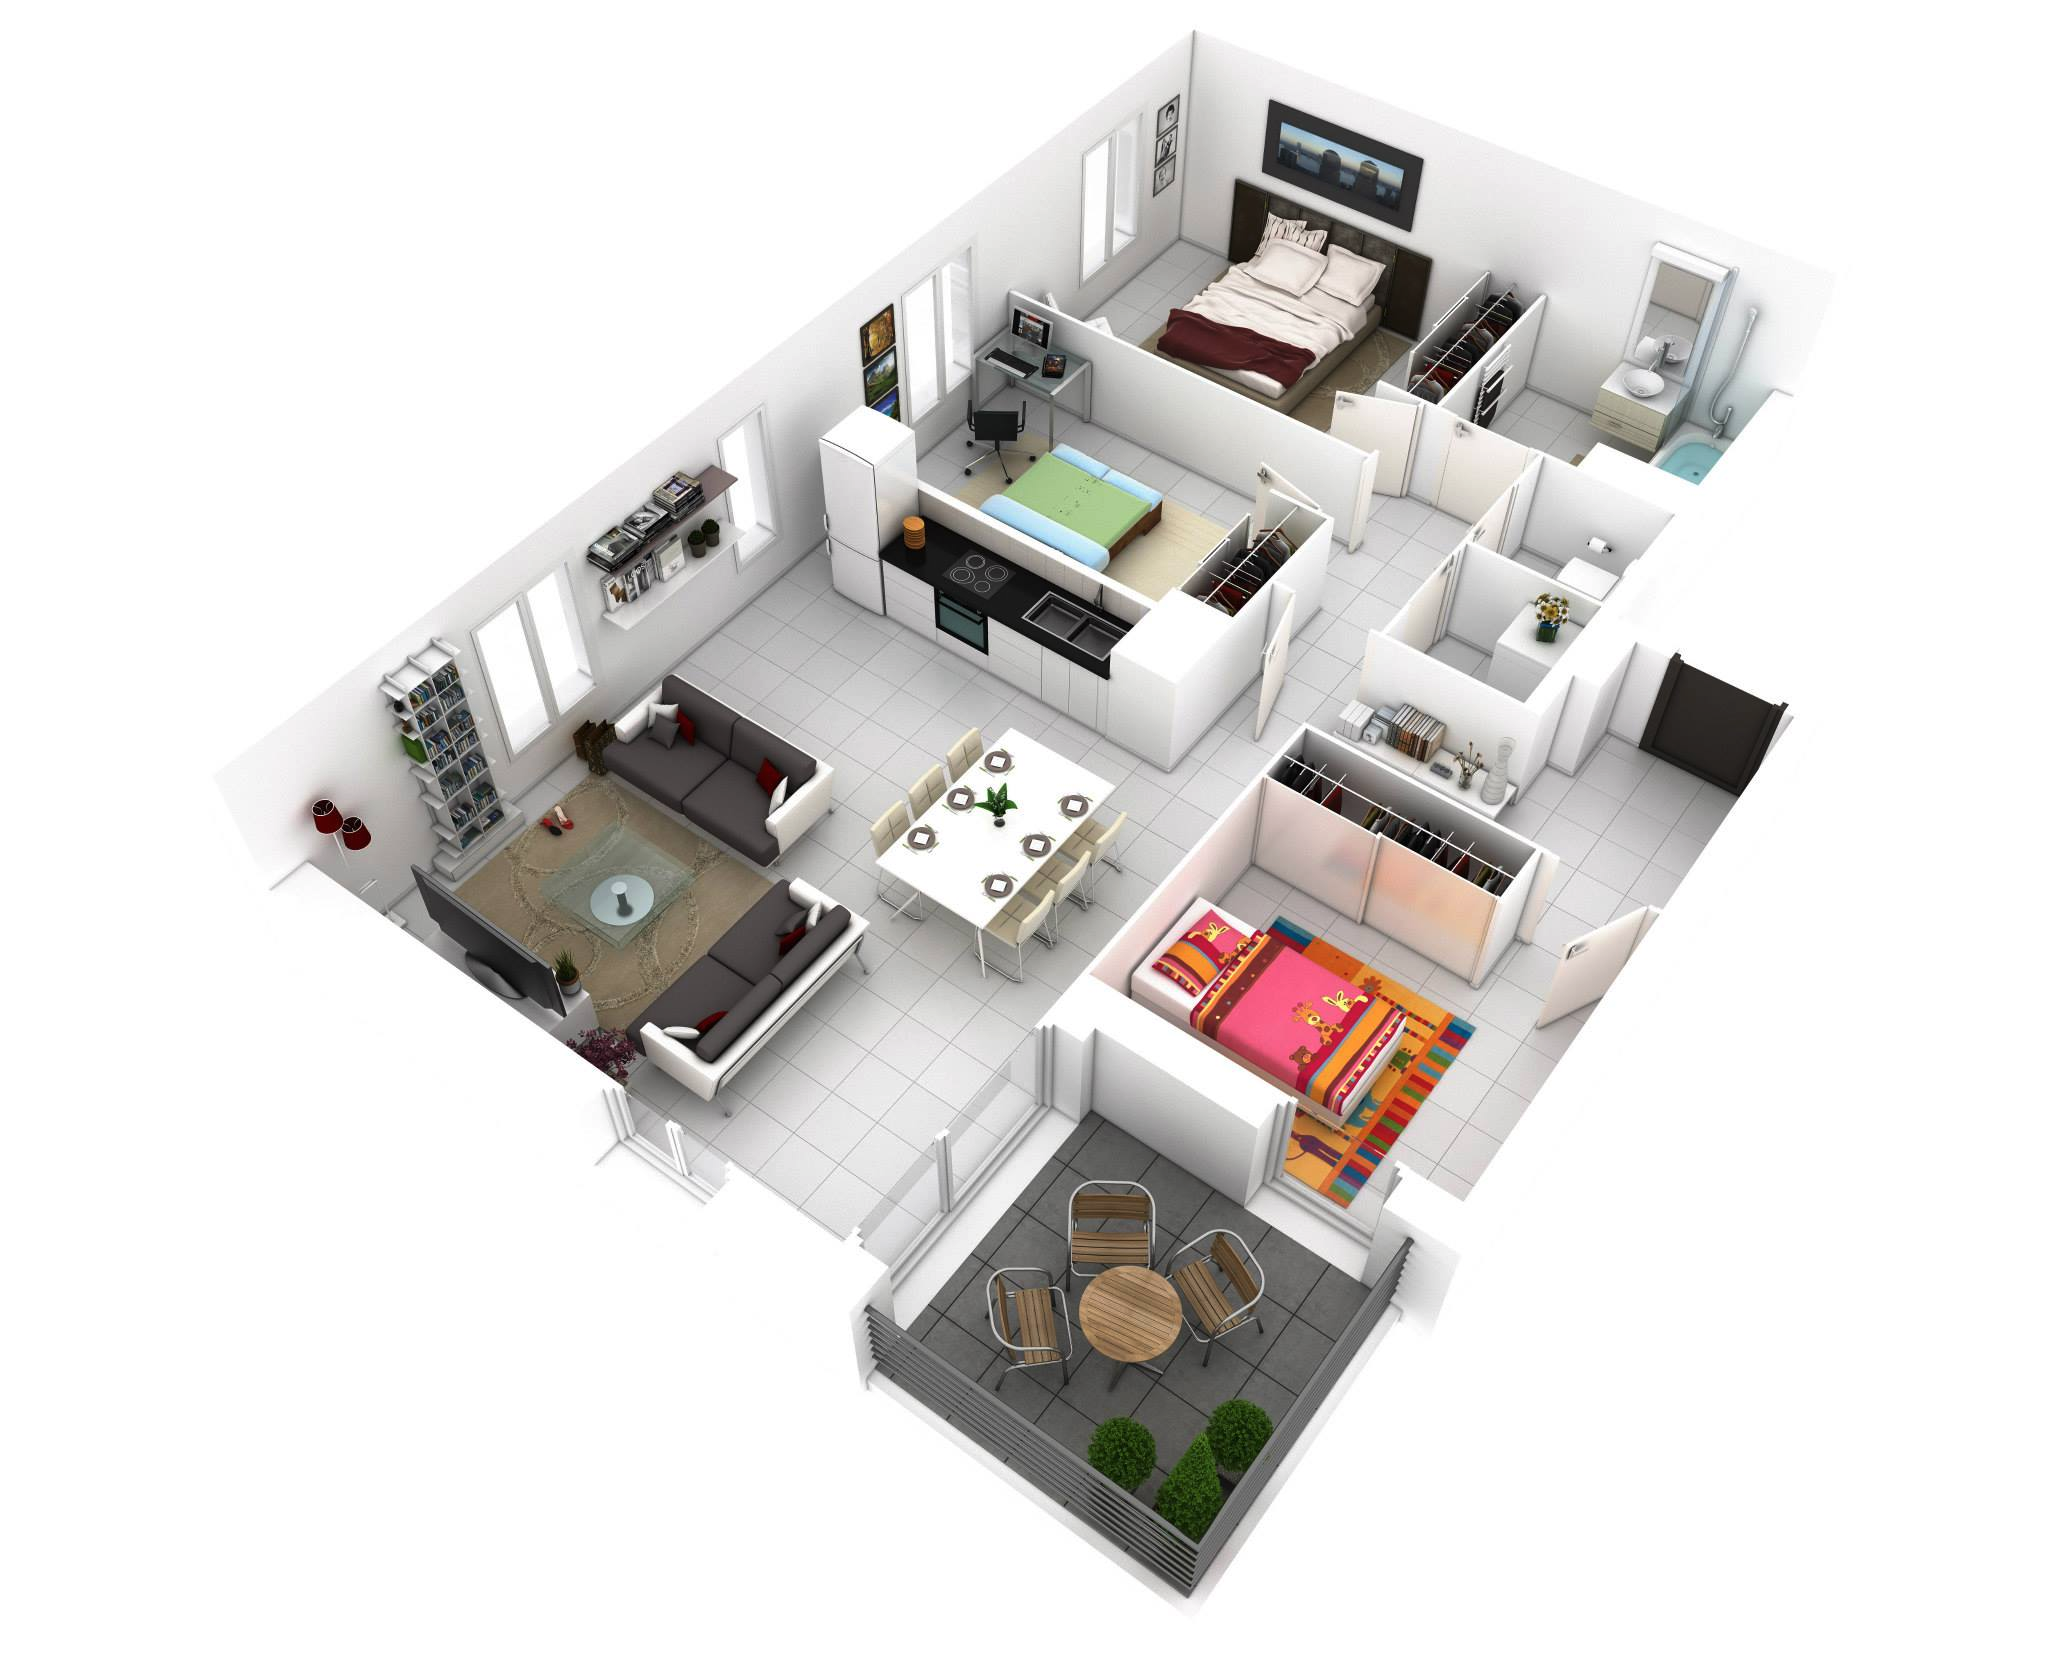 25 Planos Geniales En 3d Para Distribucion De Planta Diseno Casas Pequenas Casas De 1 Piso Planos De Casas Modernas